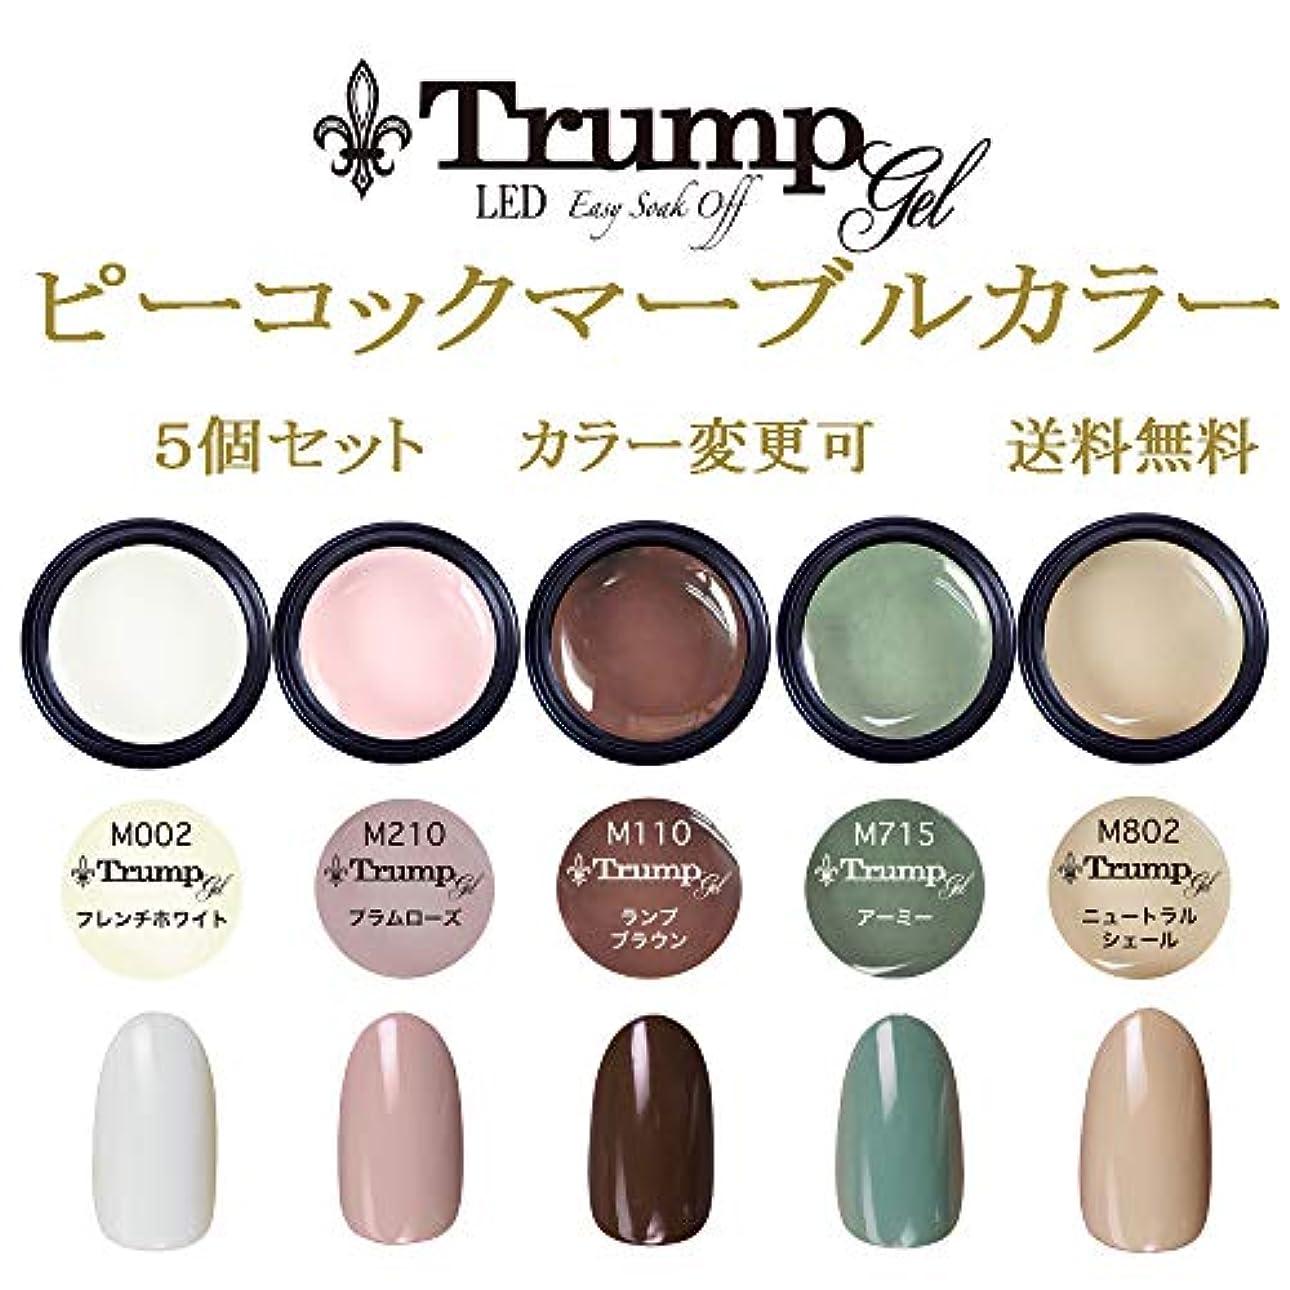 中シェア熟考する【送料無料】日本製 Trump gel トランプジェル ピーコックマーブル カラージェル 5個セット 魅惑のフロストマットトップとマットに合う人気カラーをチョイス